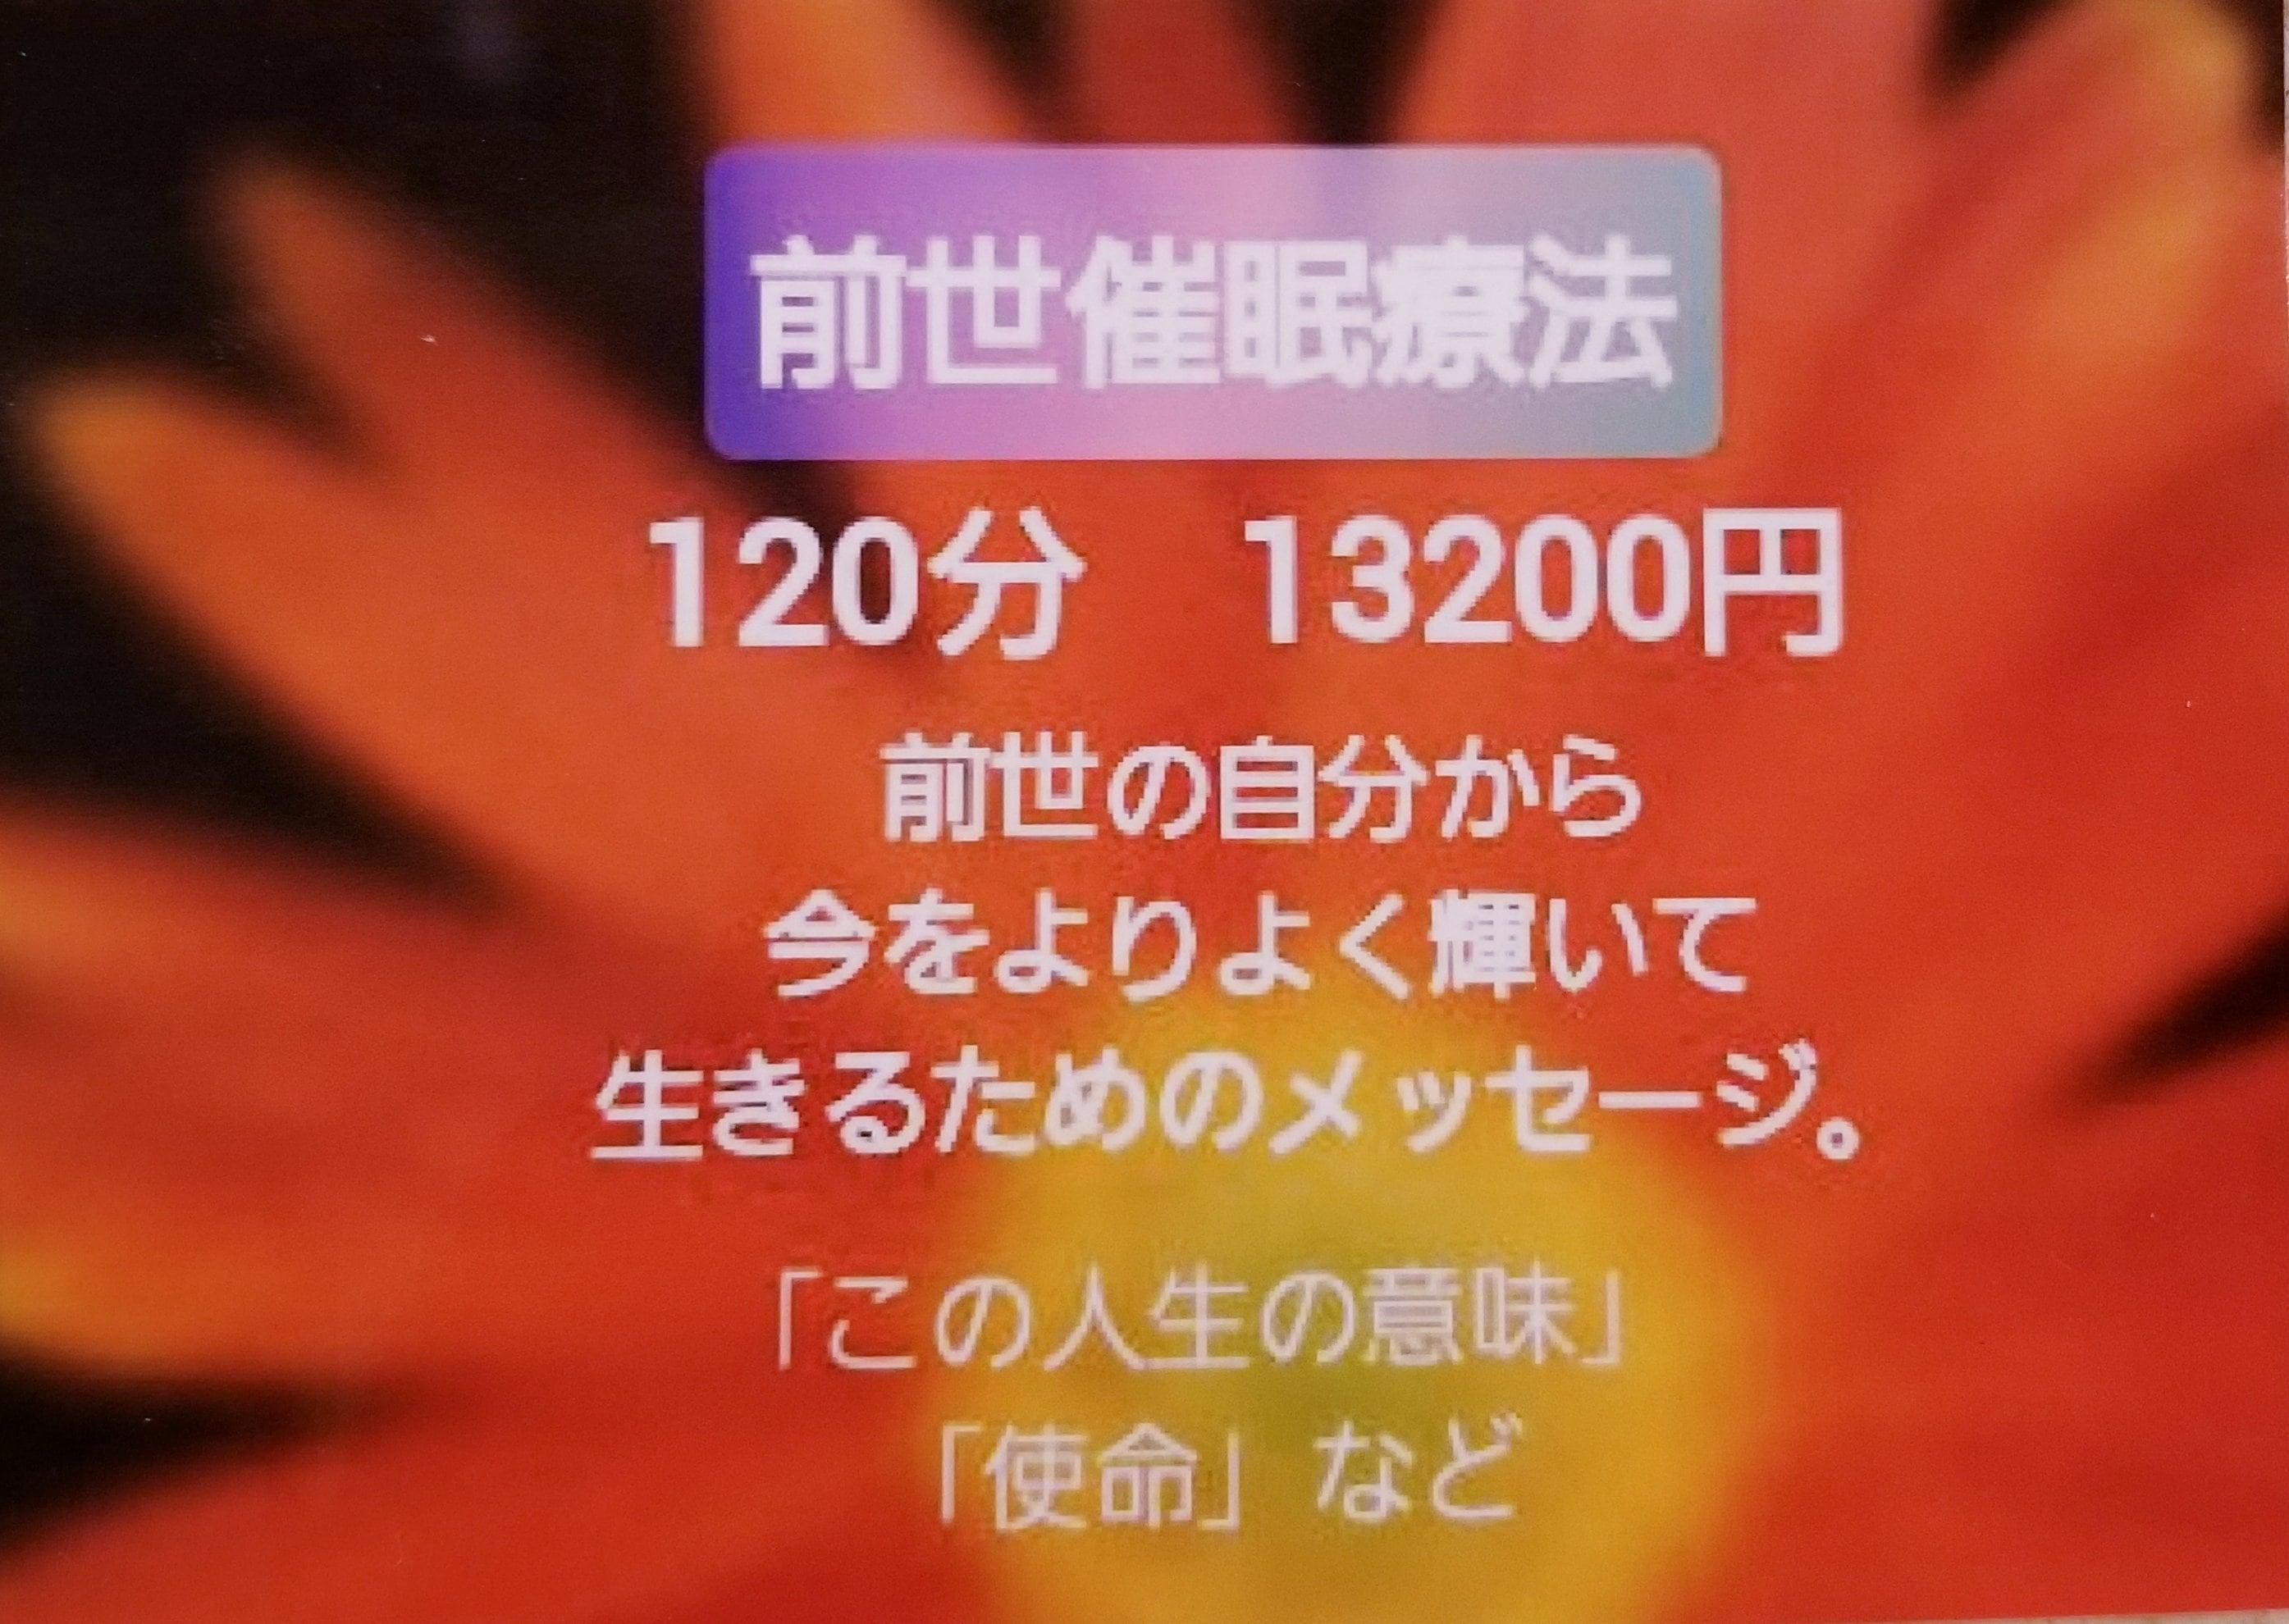 前世催眠療法(対面・オンライン)/120分のイメージその1